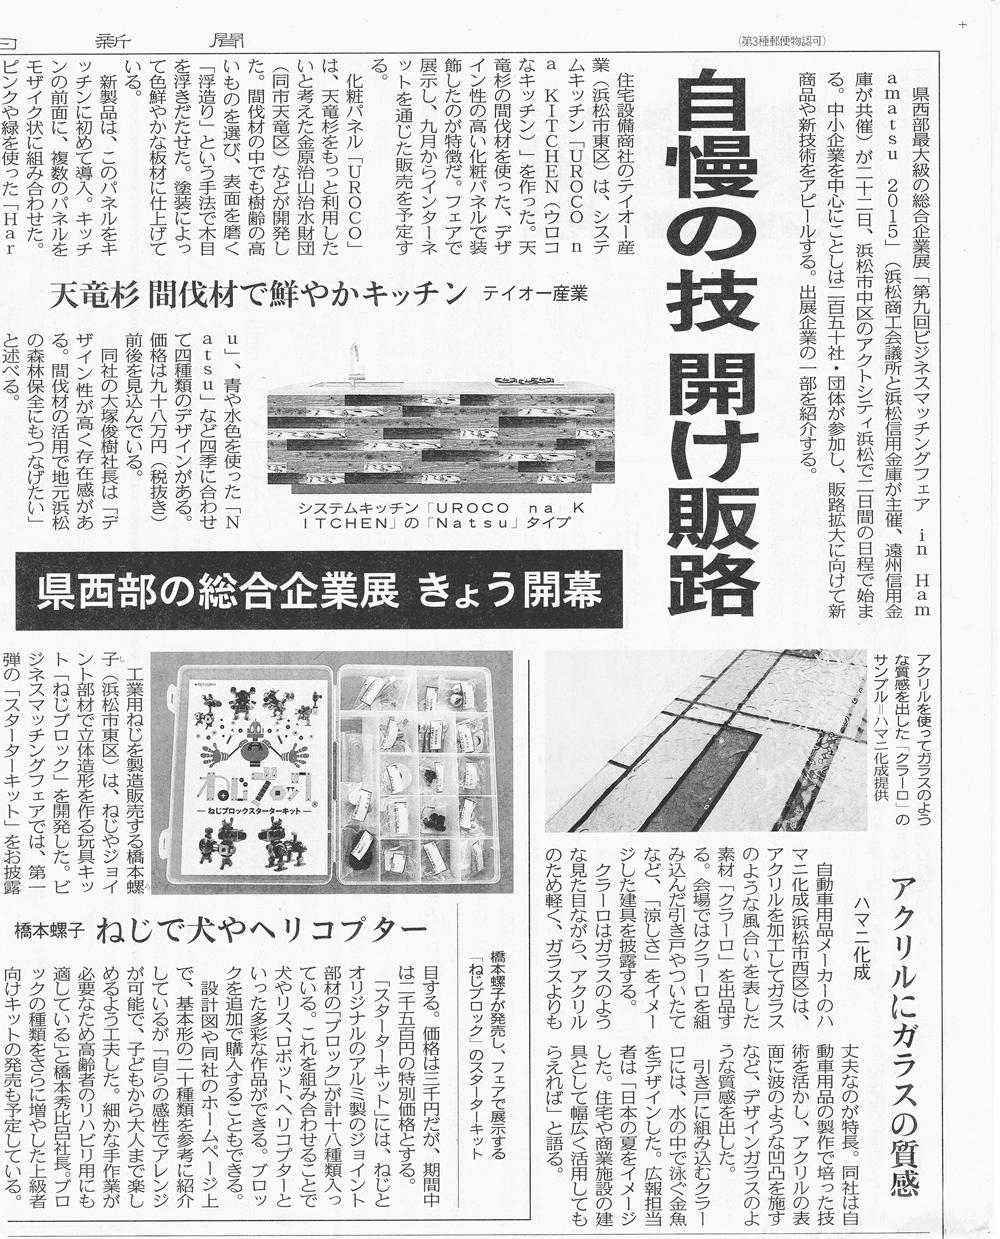 2015年7月23日中日新聞経済面